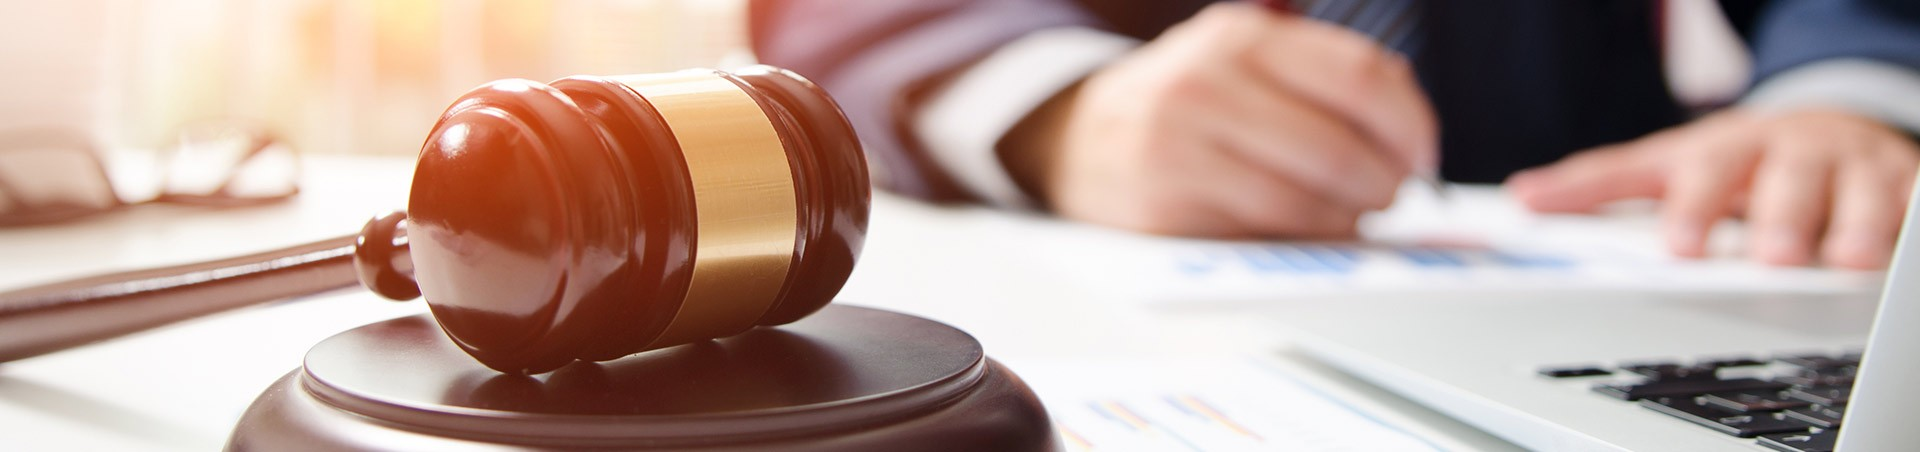 Rechtbank Advocaat Tuchtrecht